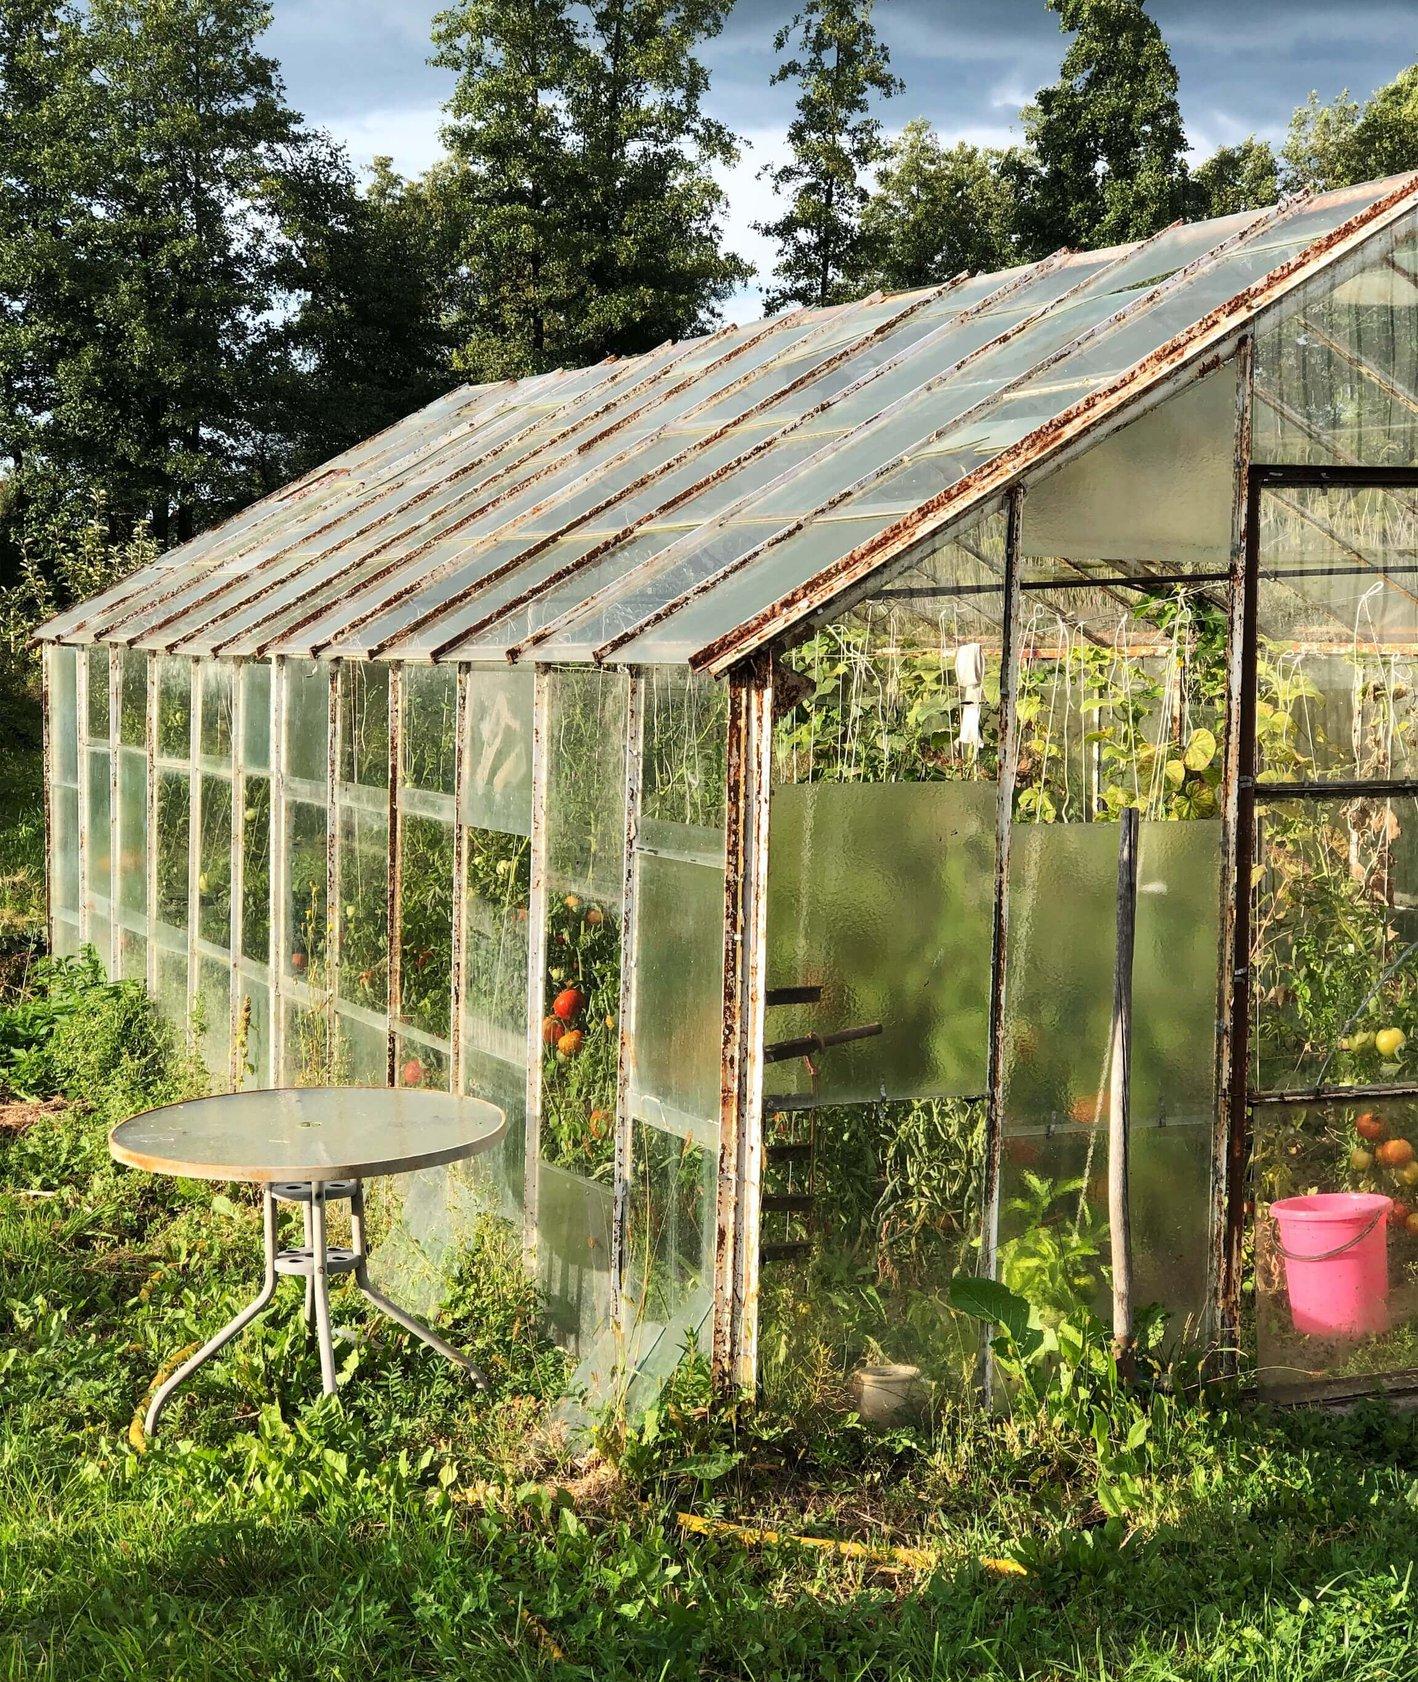 Szklarnia z pomidorami, dlaczego wraca trend działkowiczów (fot. Zuza Rożek)